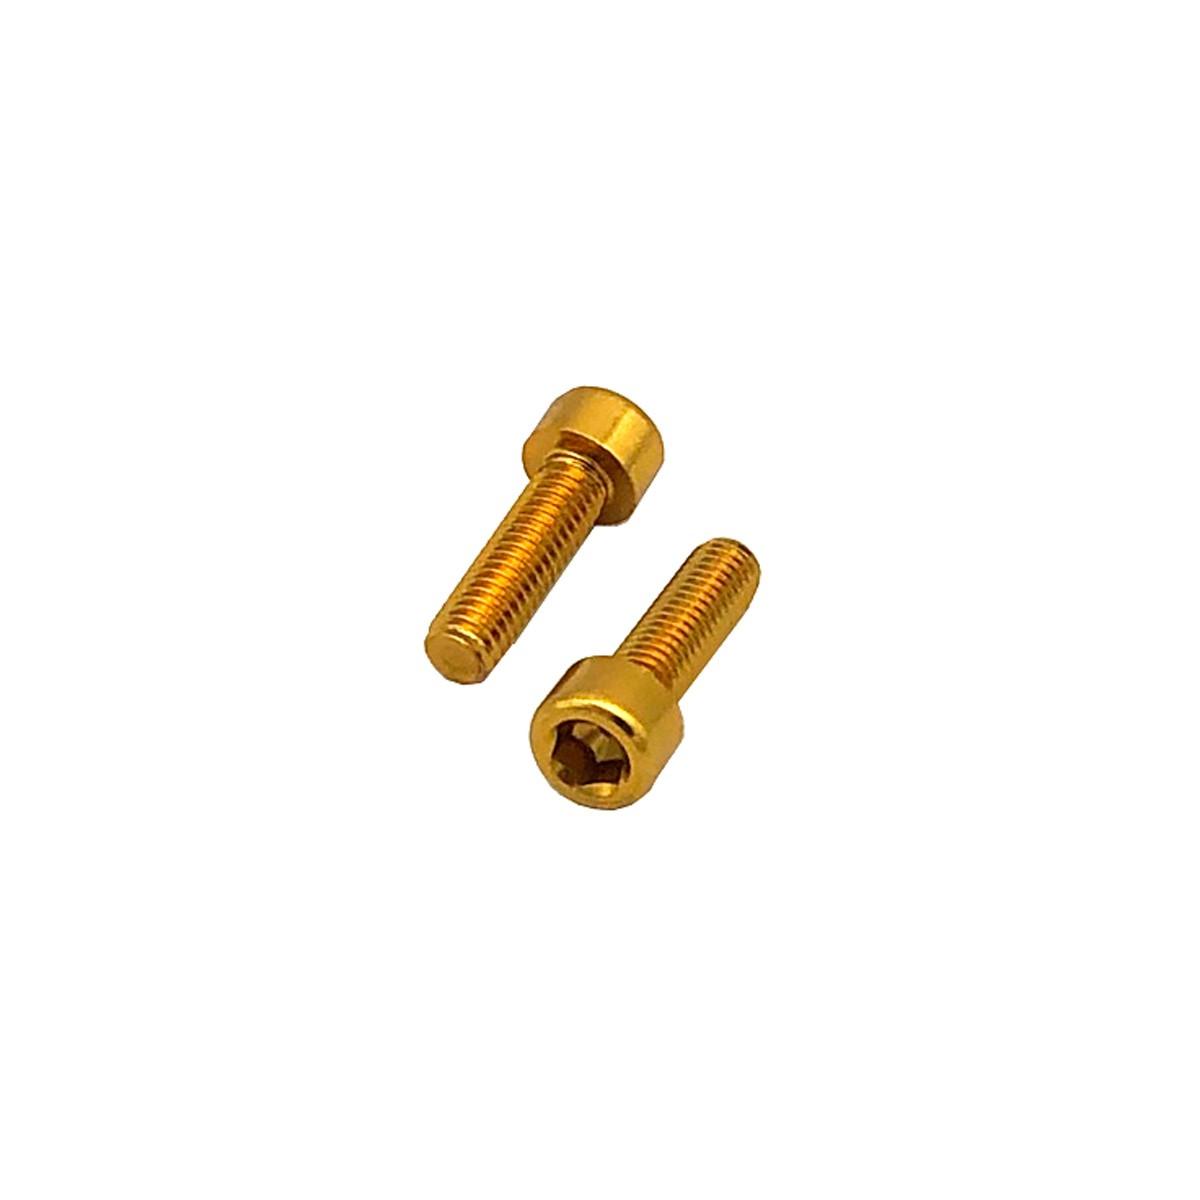 Parafuso Allen de Aluminio Socket Cap M5 x 20mm Unidade Dourado